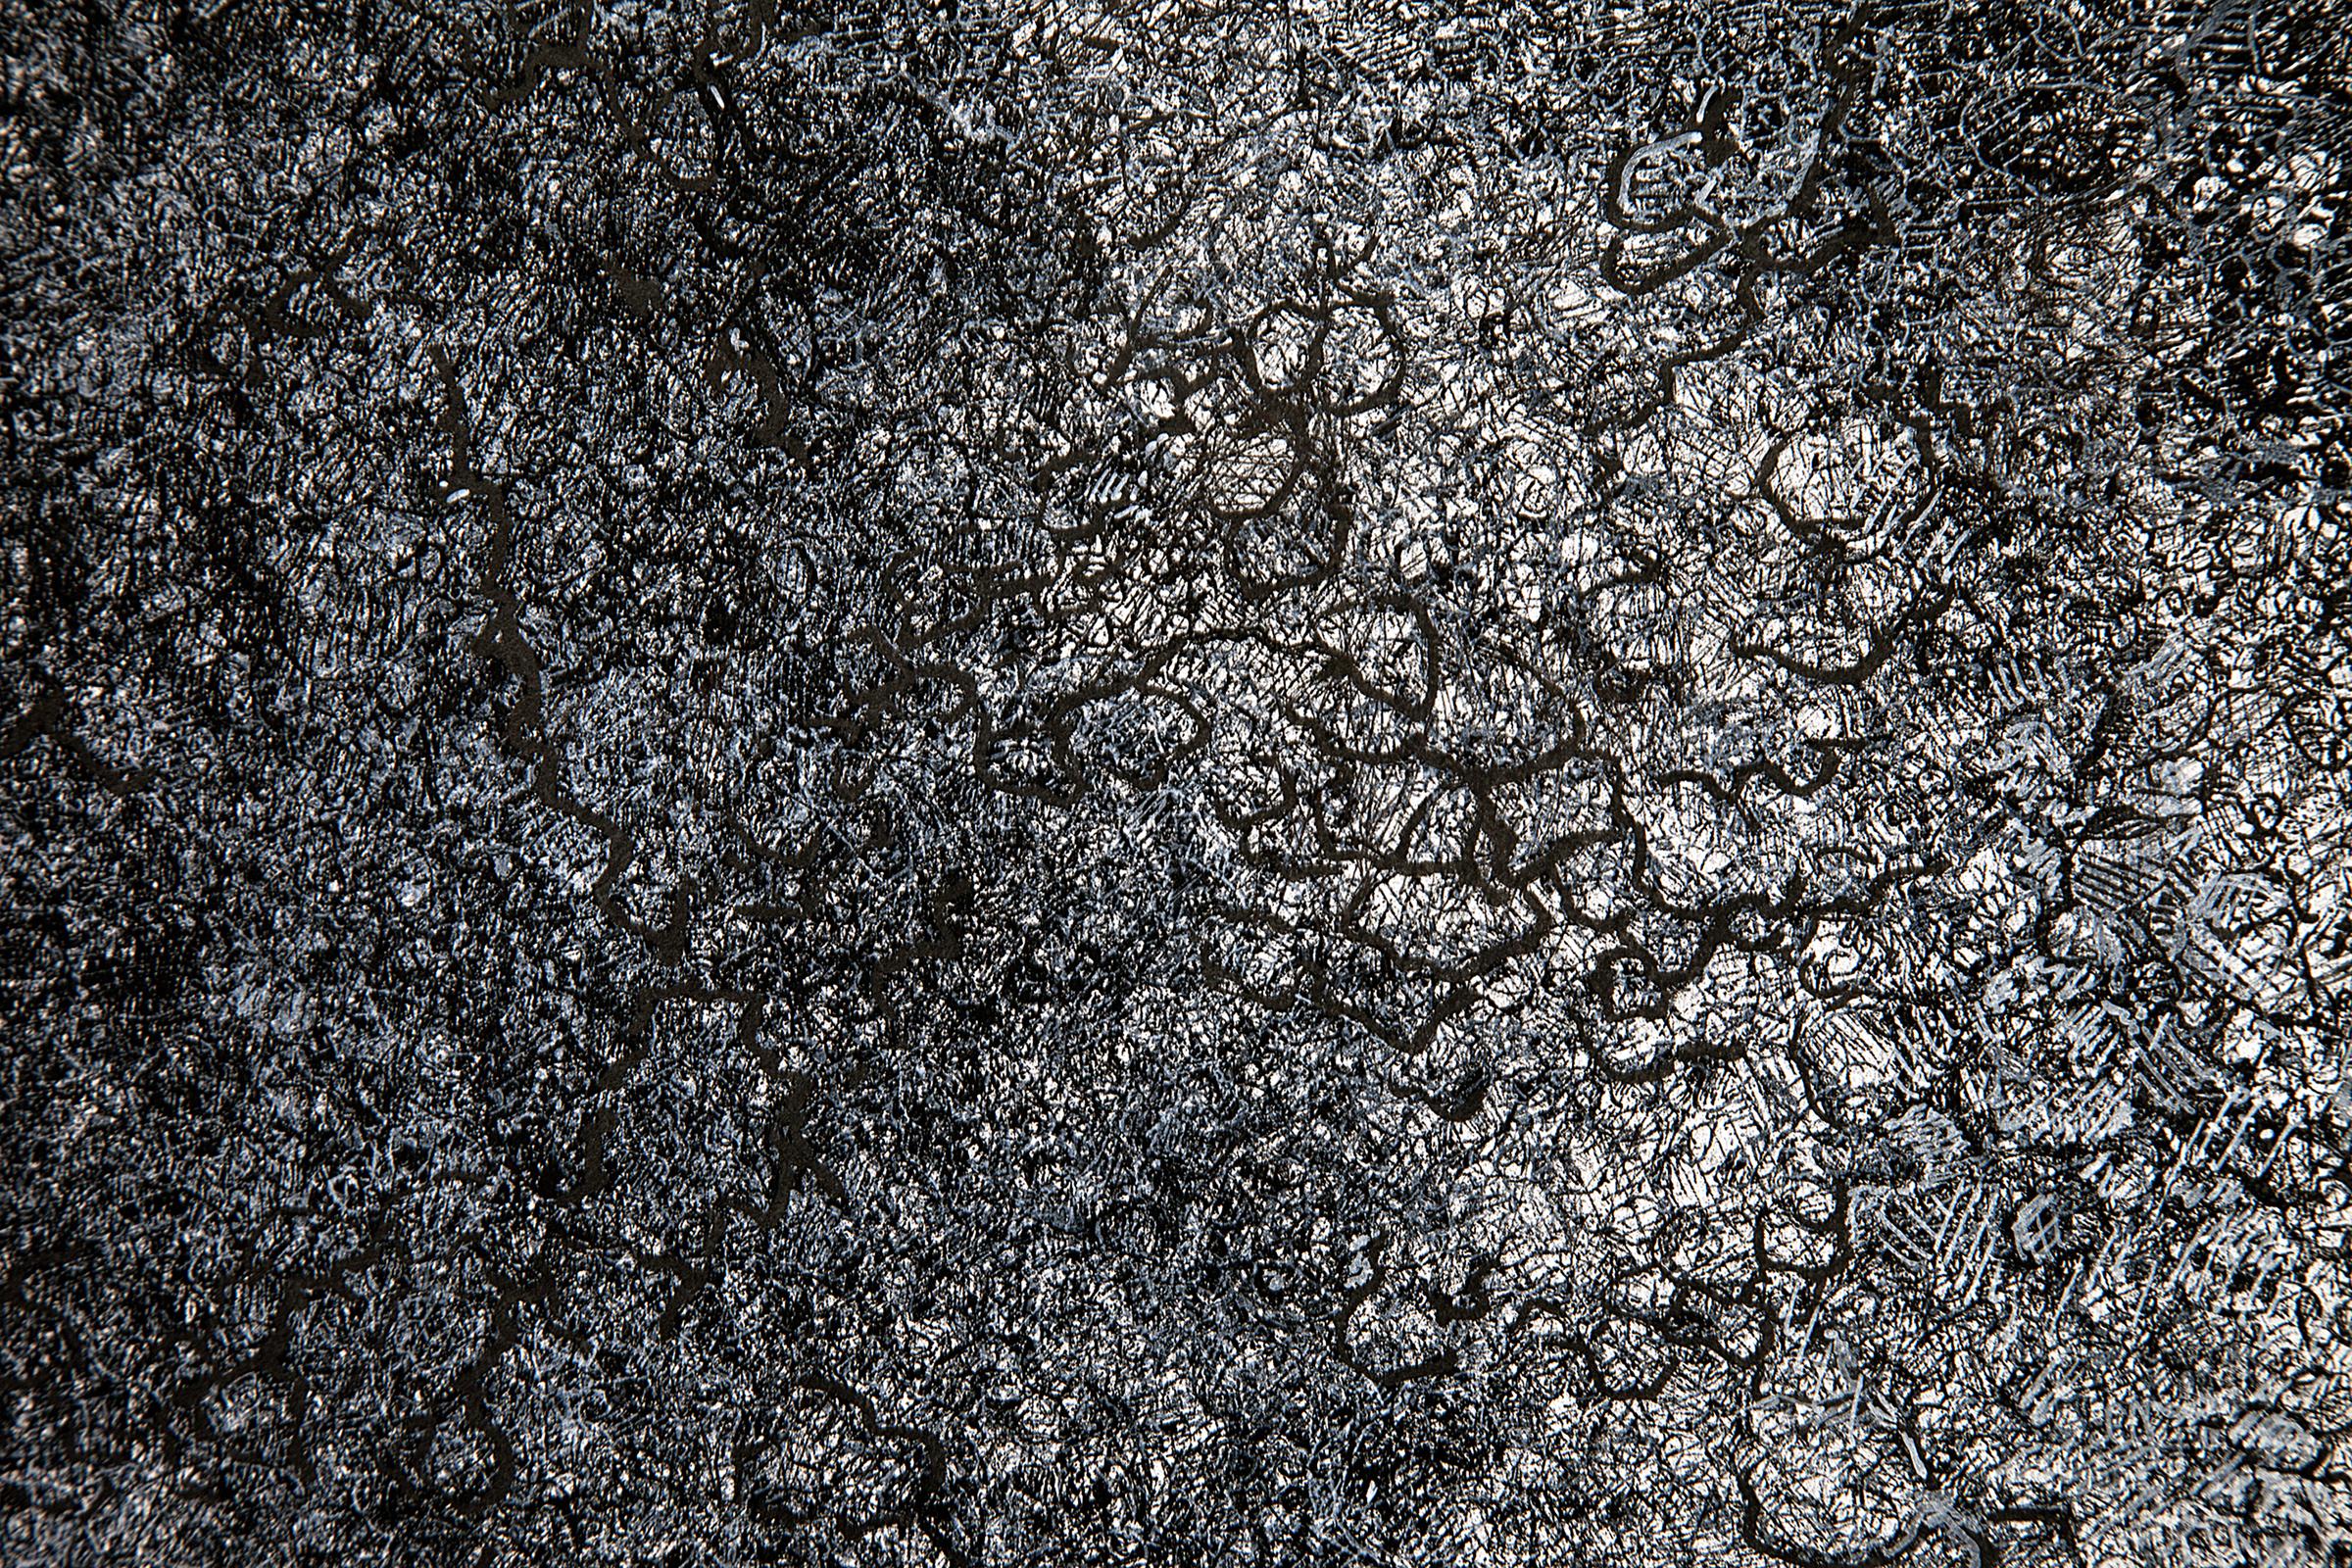 Dark Ground , detail